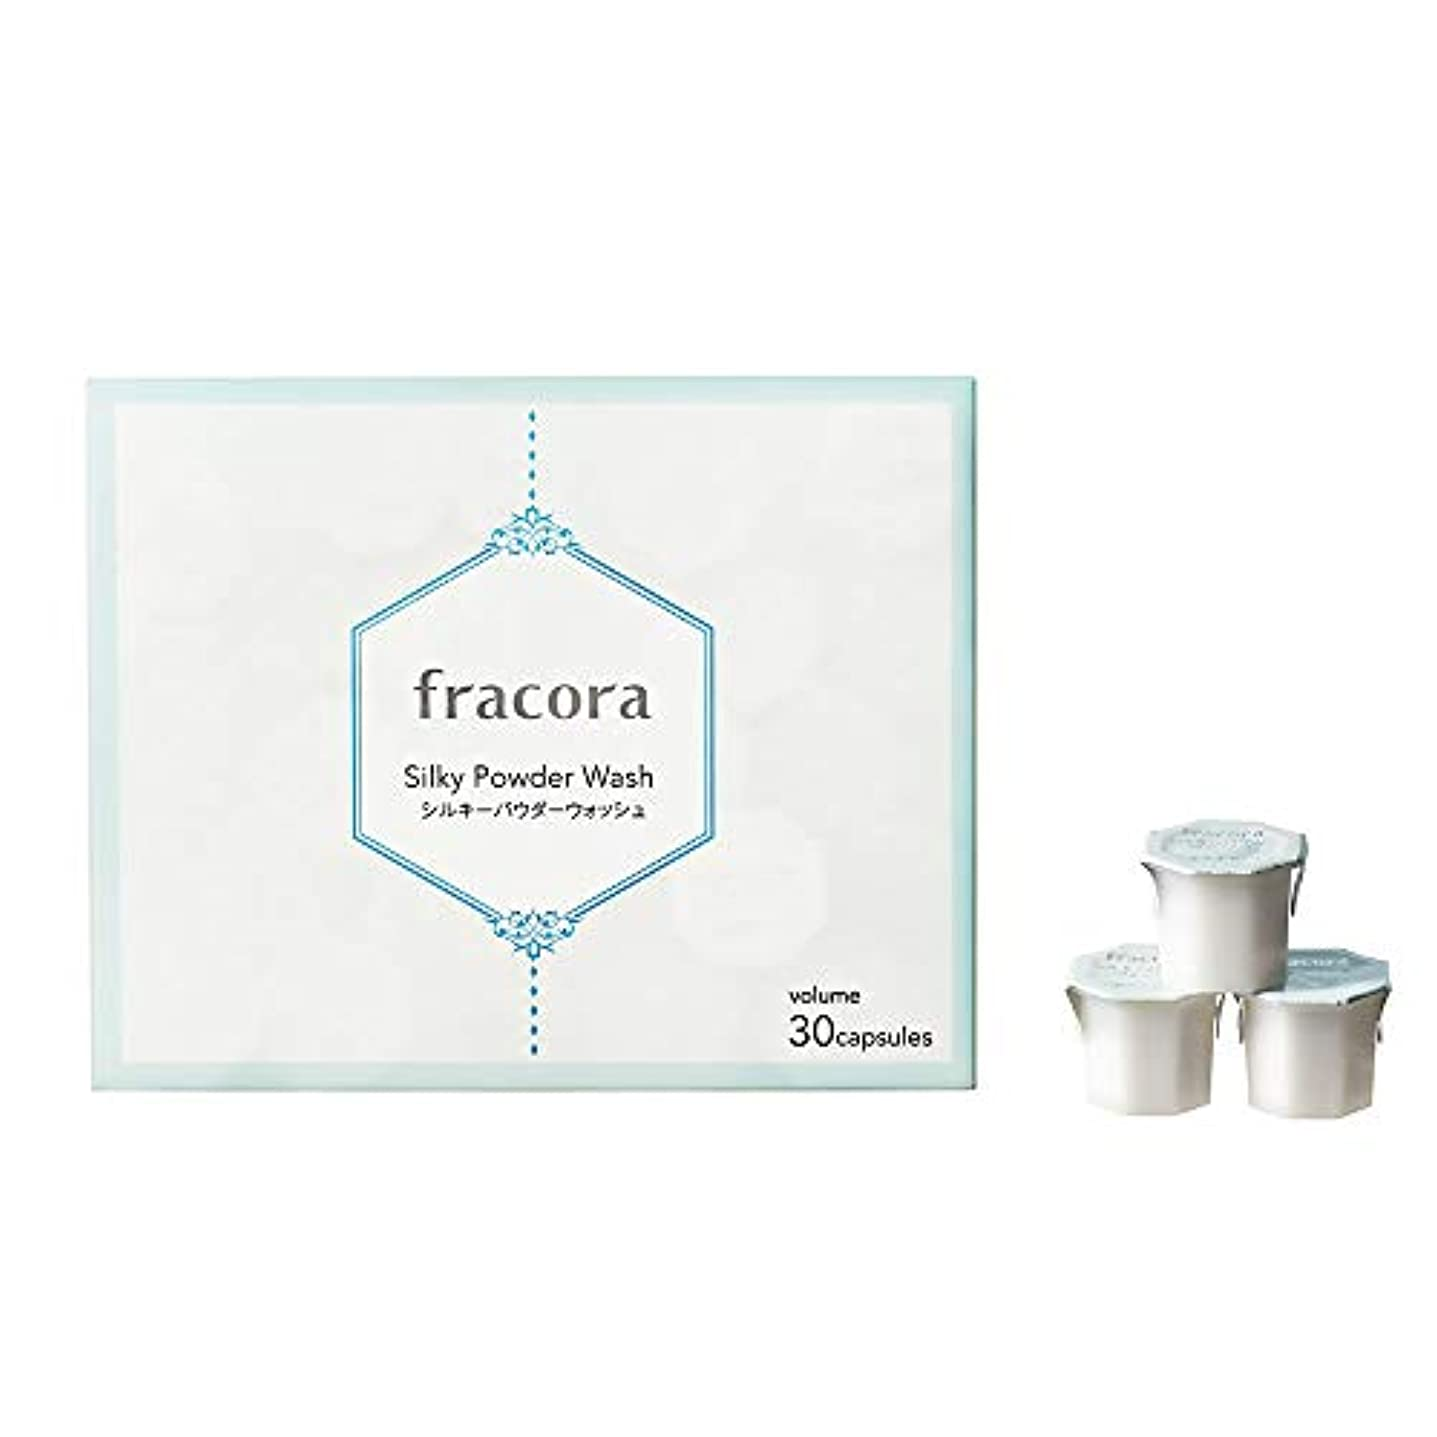 海藻モーテル配当fracora(フラコラ) 酵素洗顔 シルキーパウダーウォッシュ 30カプセル入